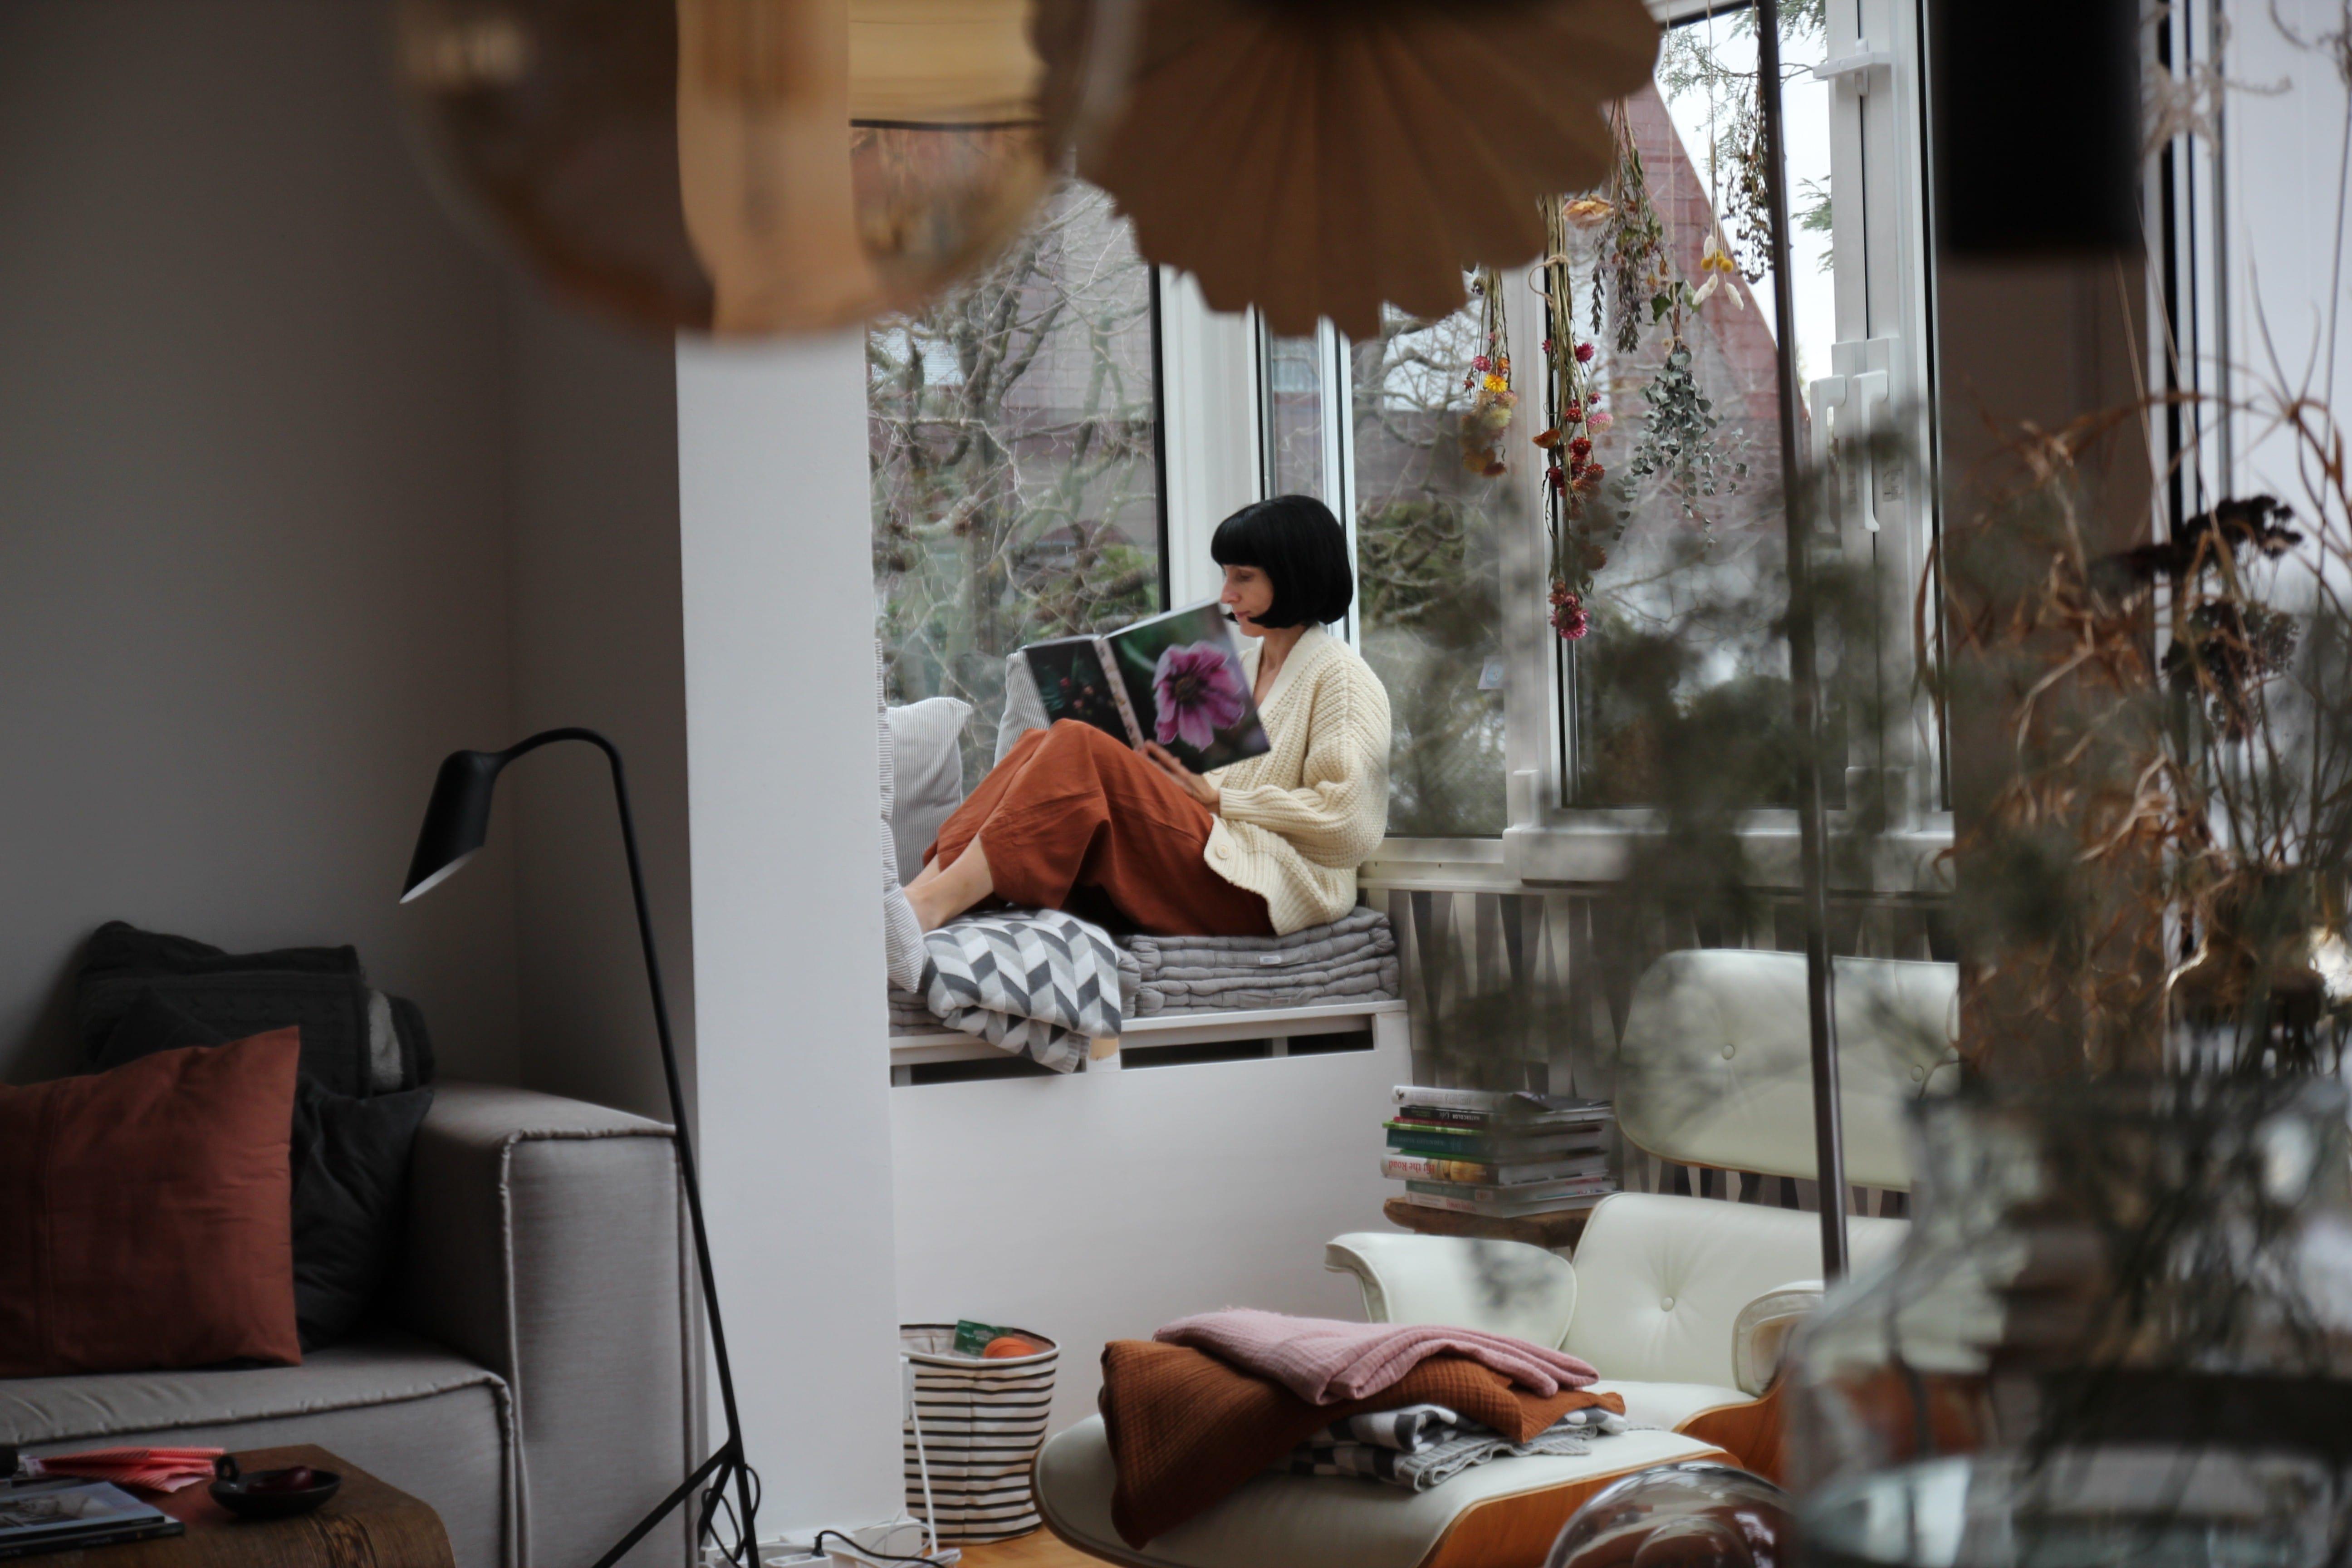 Wohnzimmer- Zuhause bei Stefanie - Dekoideen und zeitlose Accessoires zeigt sie bei desmondo.de